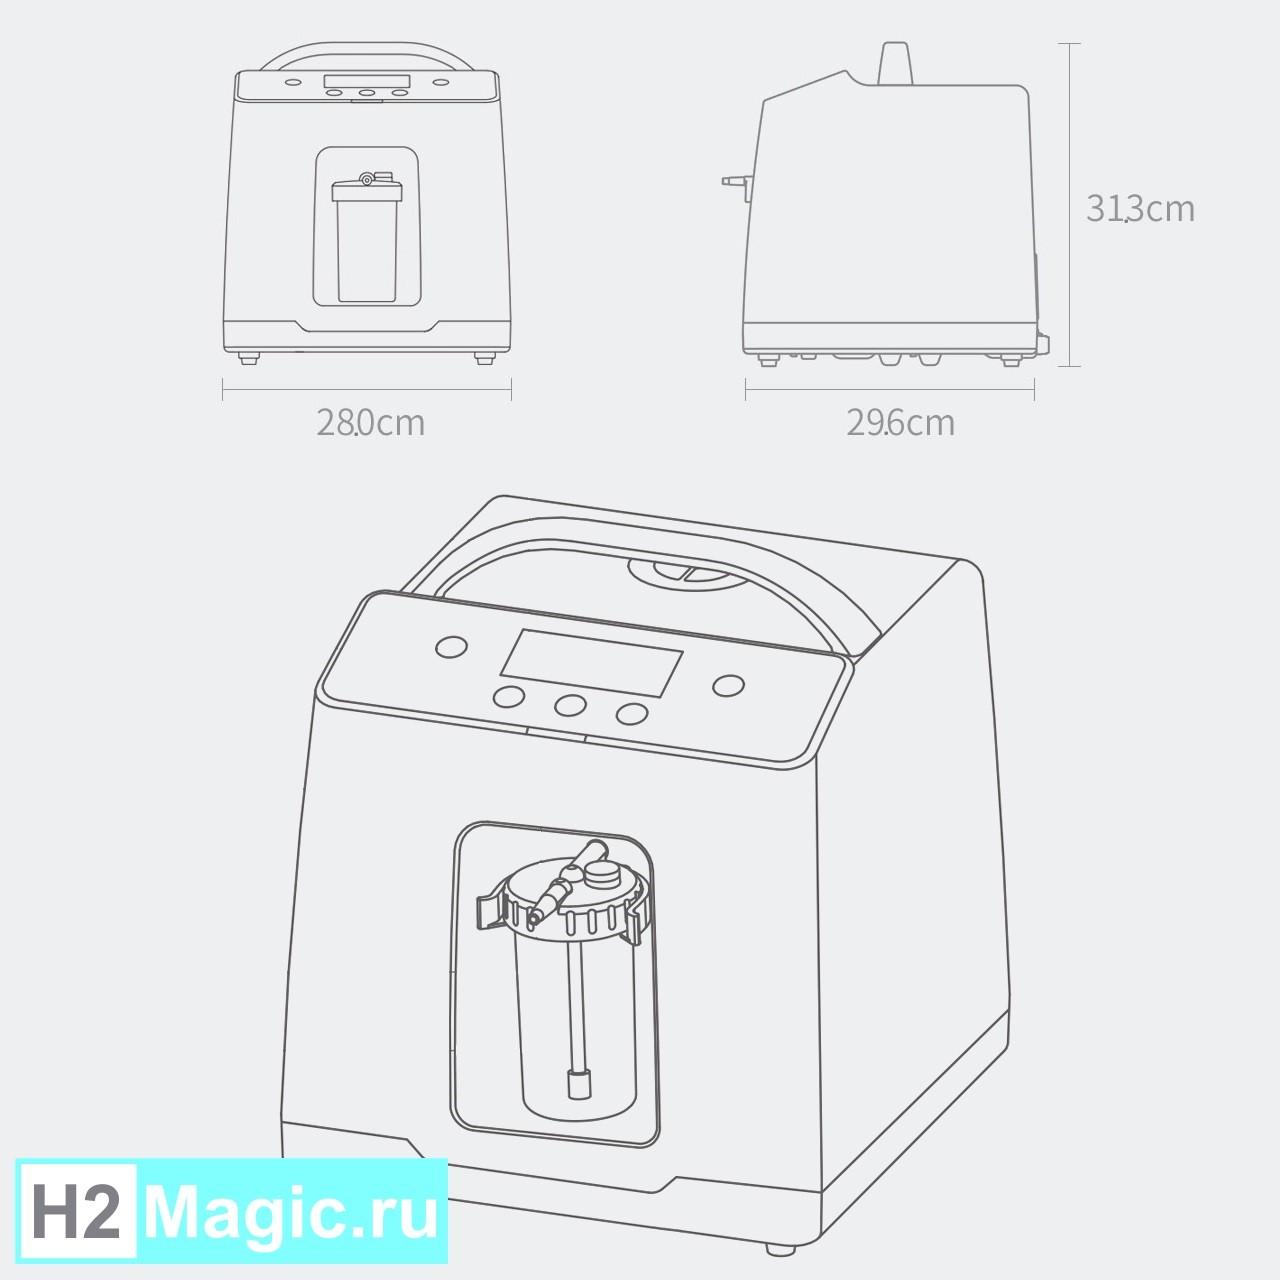 ПРЕДзаказ на Июнь на Ингалятор Водорода H2Magic HIG-600 PRO Бело-зелёный, компактный, лёгкий, стакан-увлажнитель